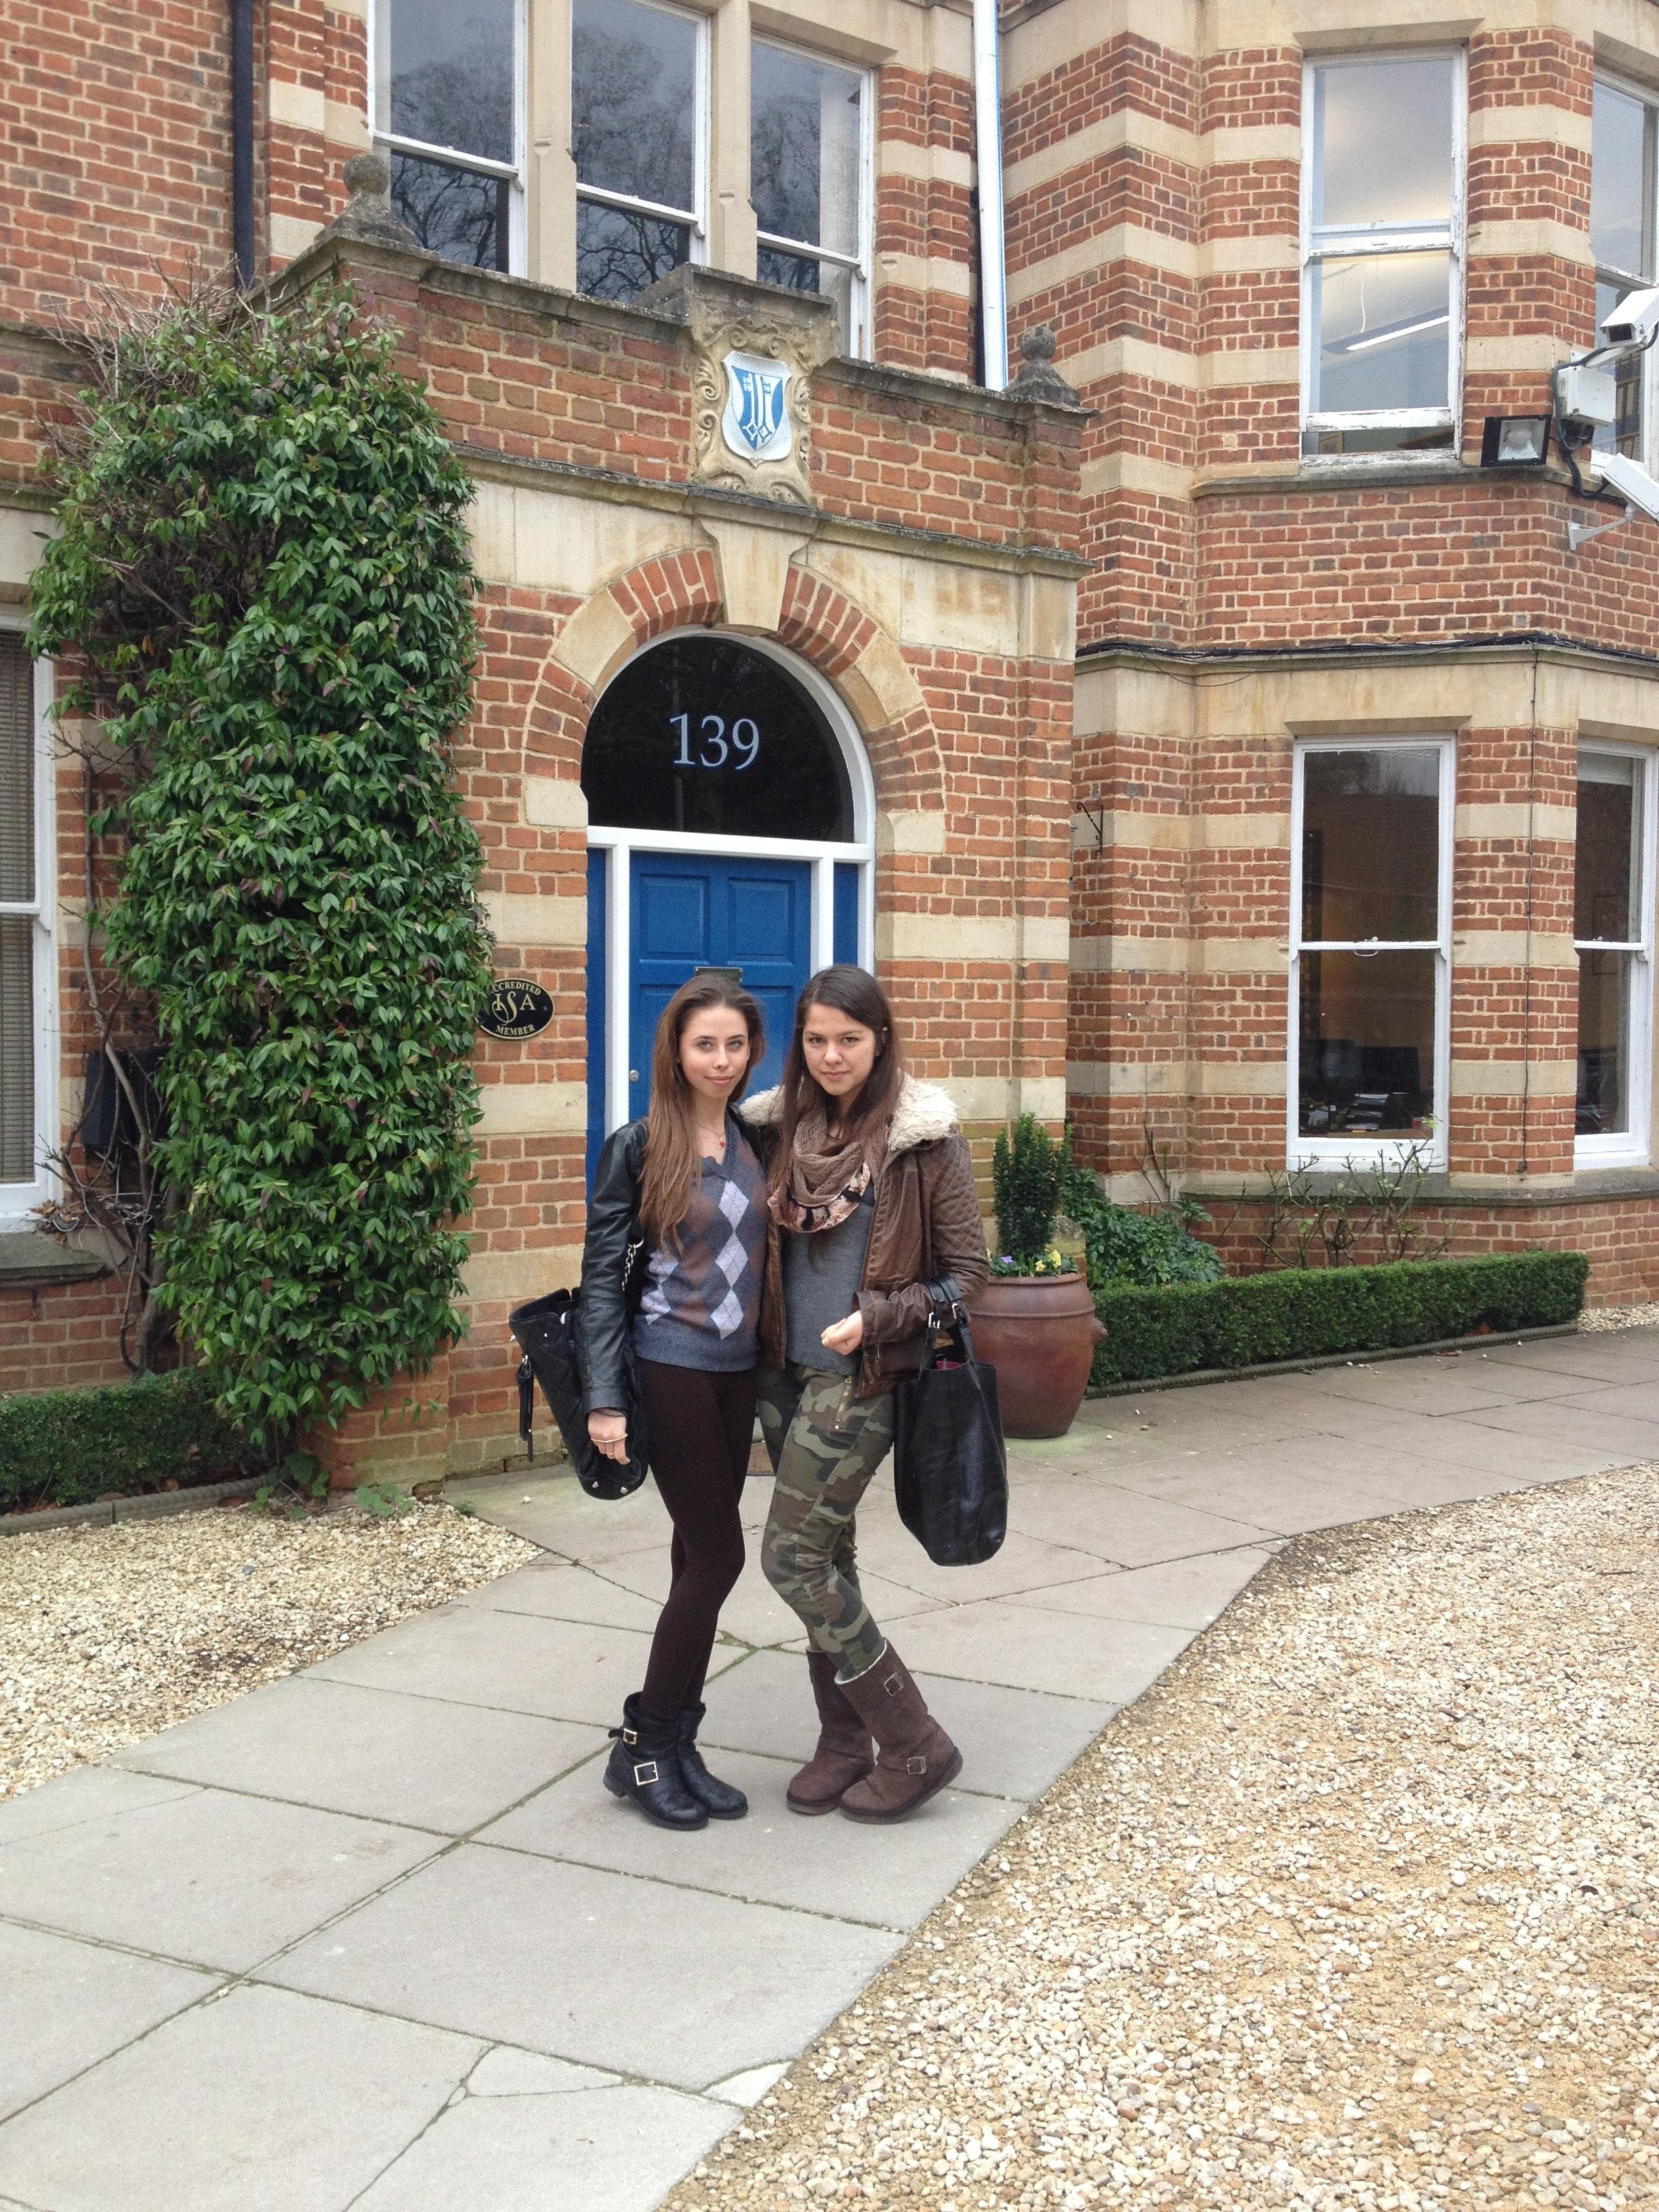 Diana si Natalia sunt singurele romance care studiaza la cel mai de top Colegiu din Oxford